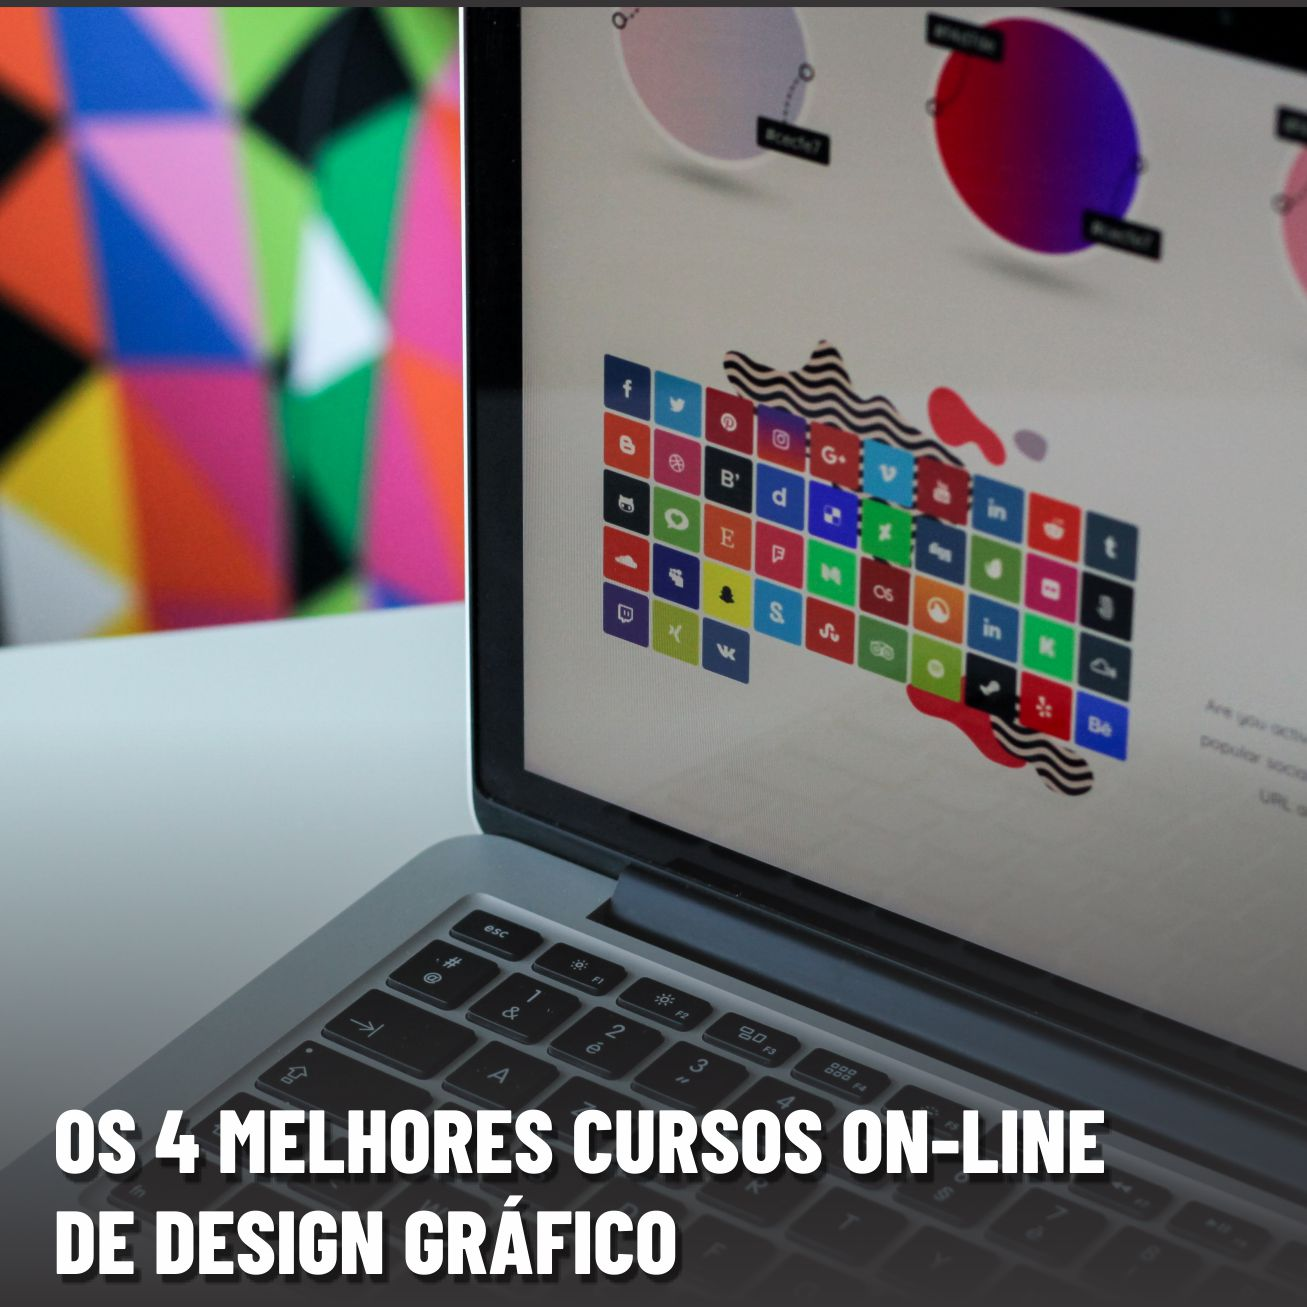 Curso de design gráfico: Os 4 melhores cursos on-line de design